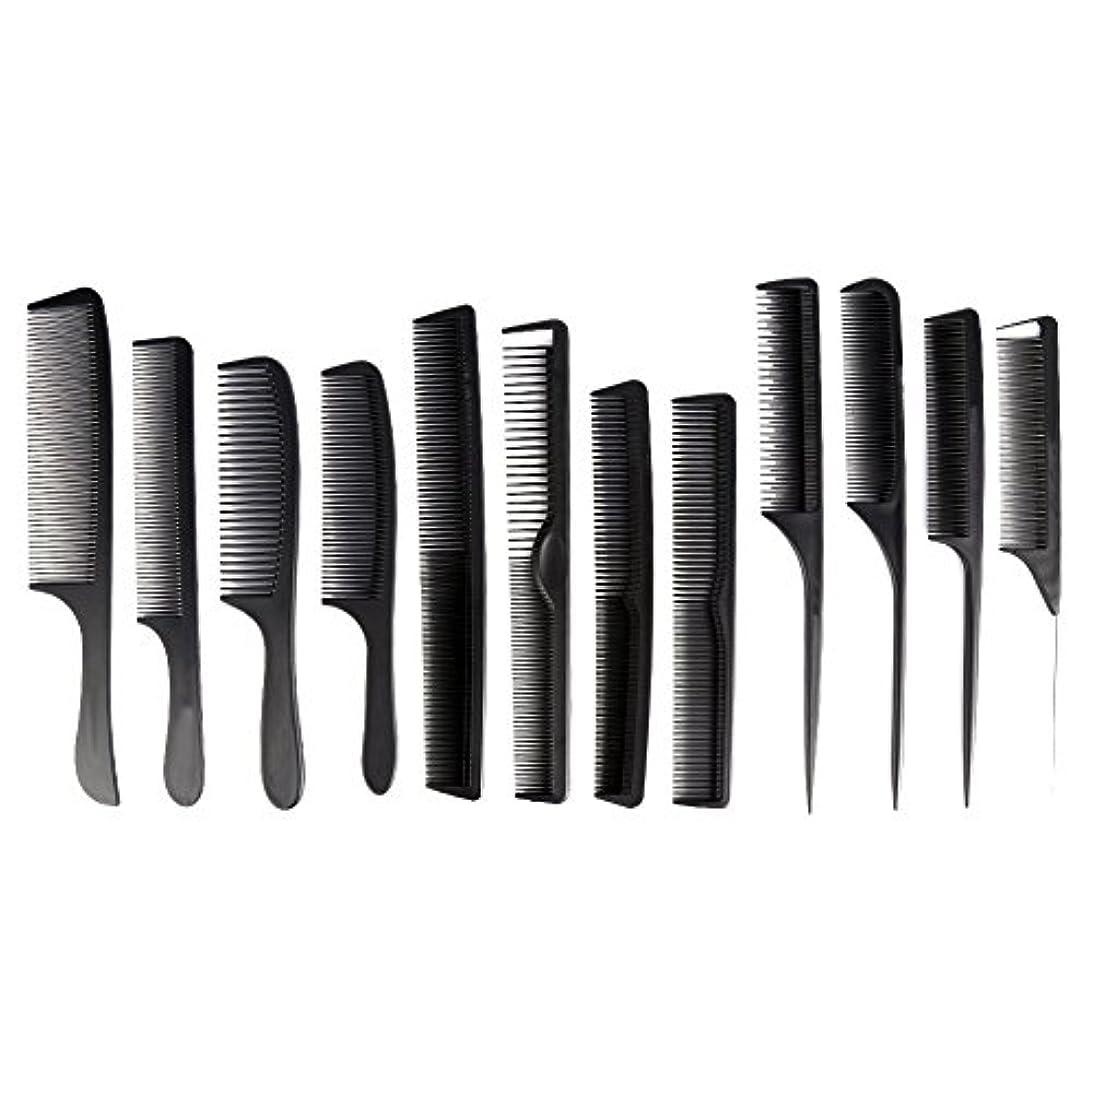 強い不和尊敬するカットコーム 散髪用コーム コームセット12点セット プロ用ヘアコーム  静電気減少 軽量 サロン/美容室/床屋など適用